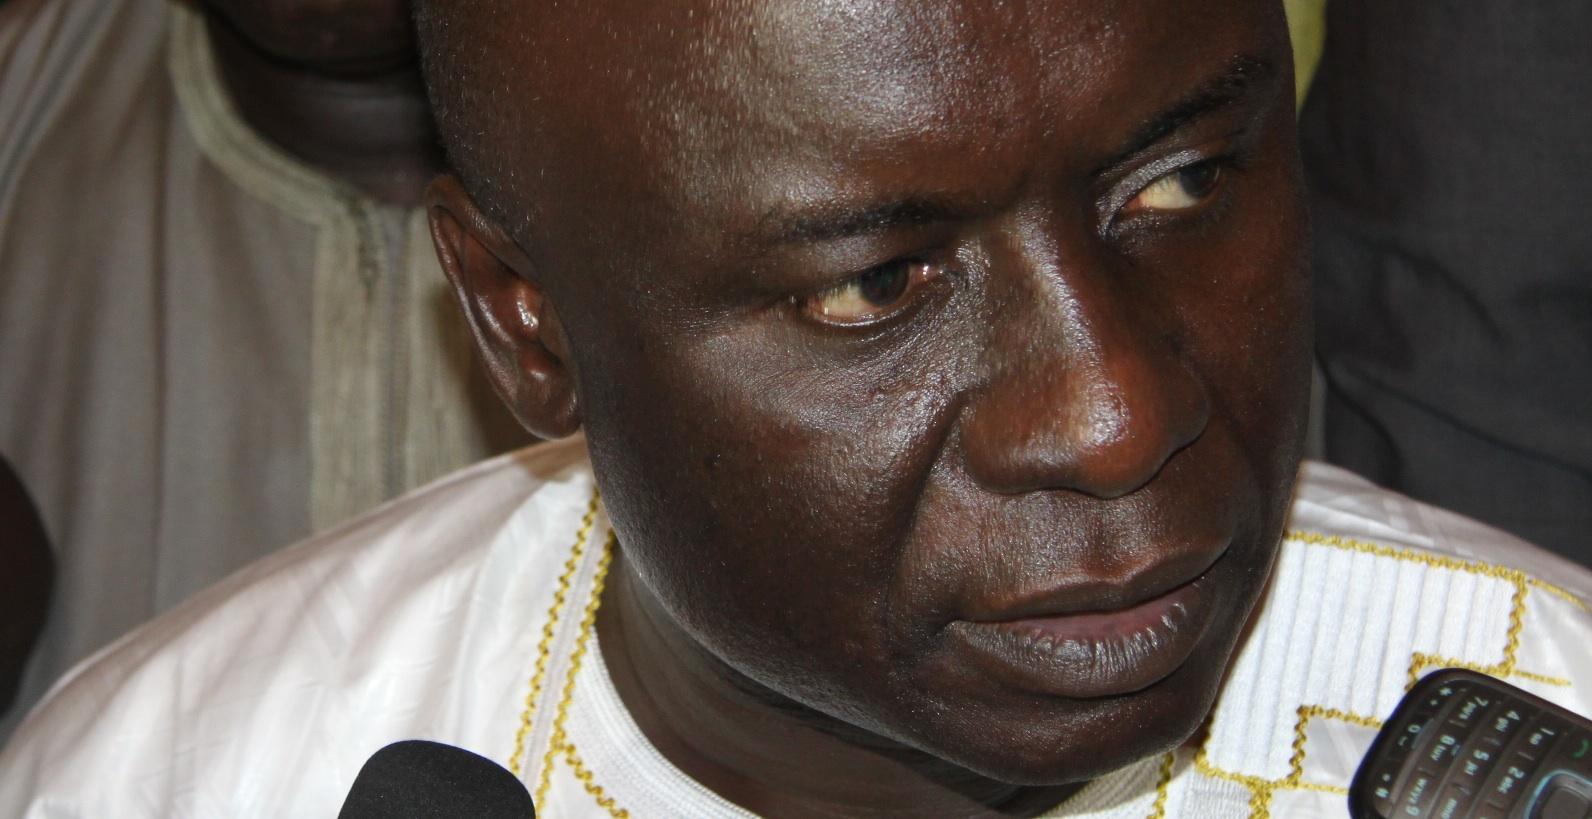 Département de Thiès: Idrissa Seck conteste les résultats et dépose un recours en annulation